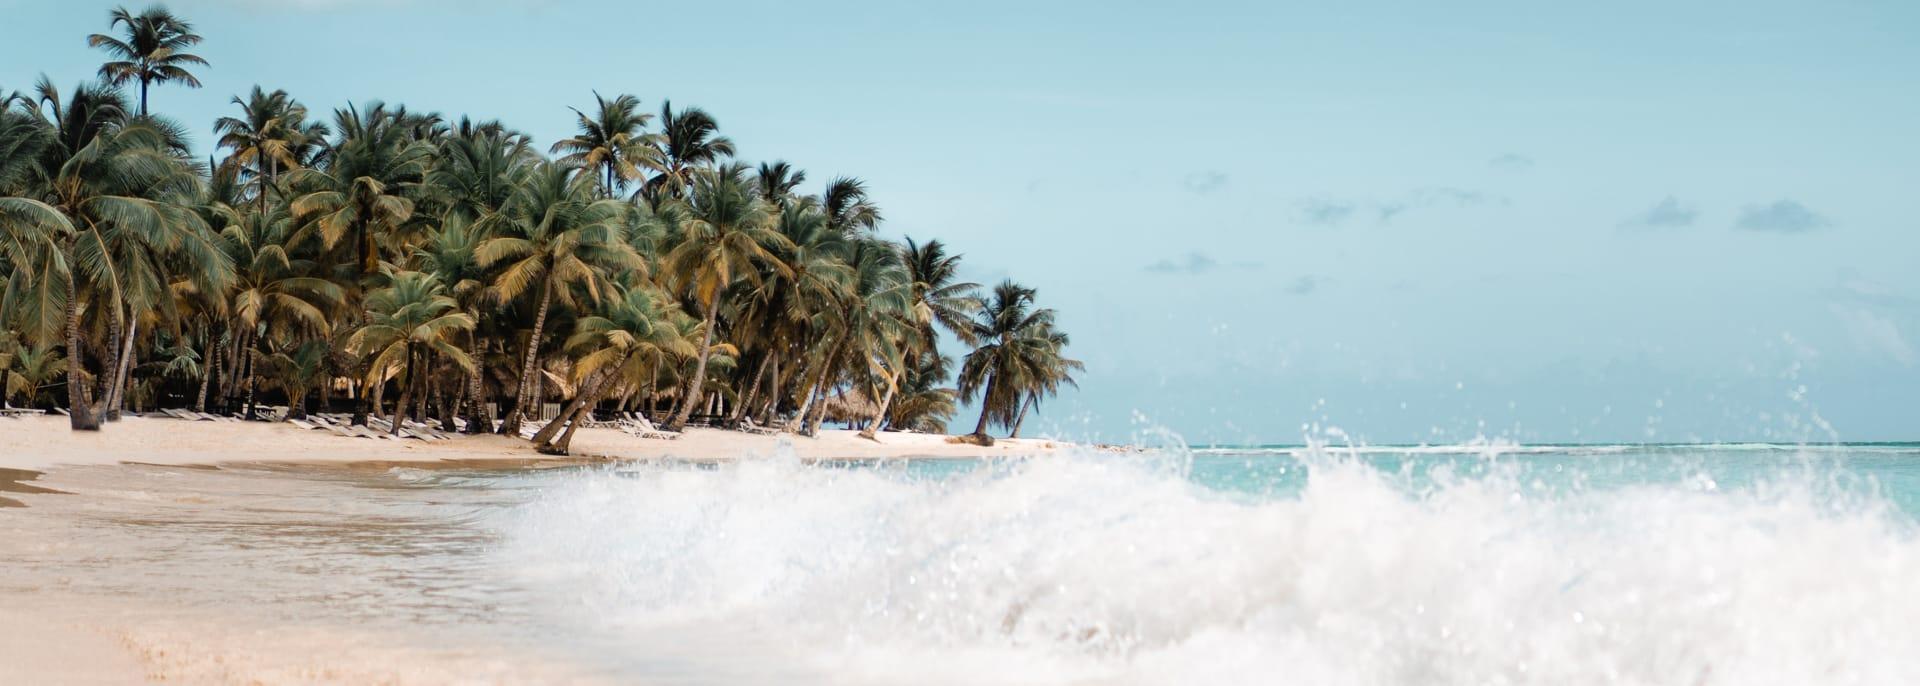 Dominikanische Republick